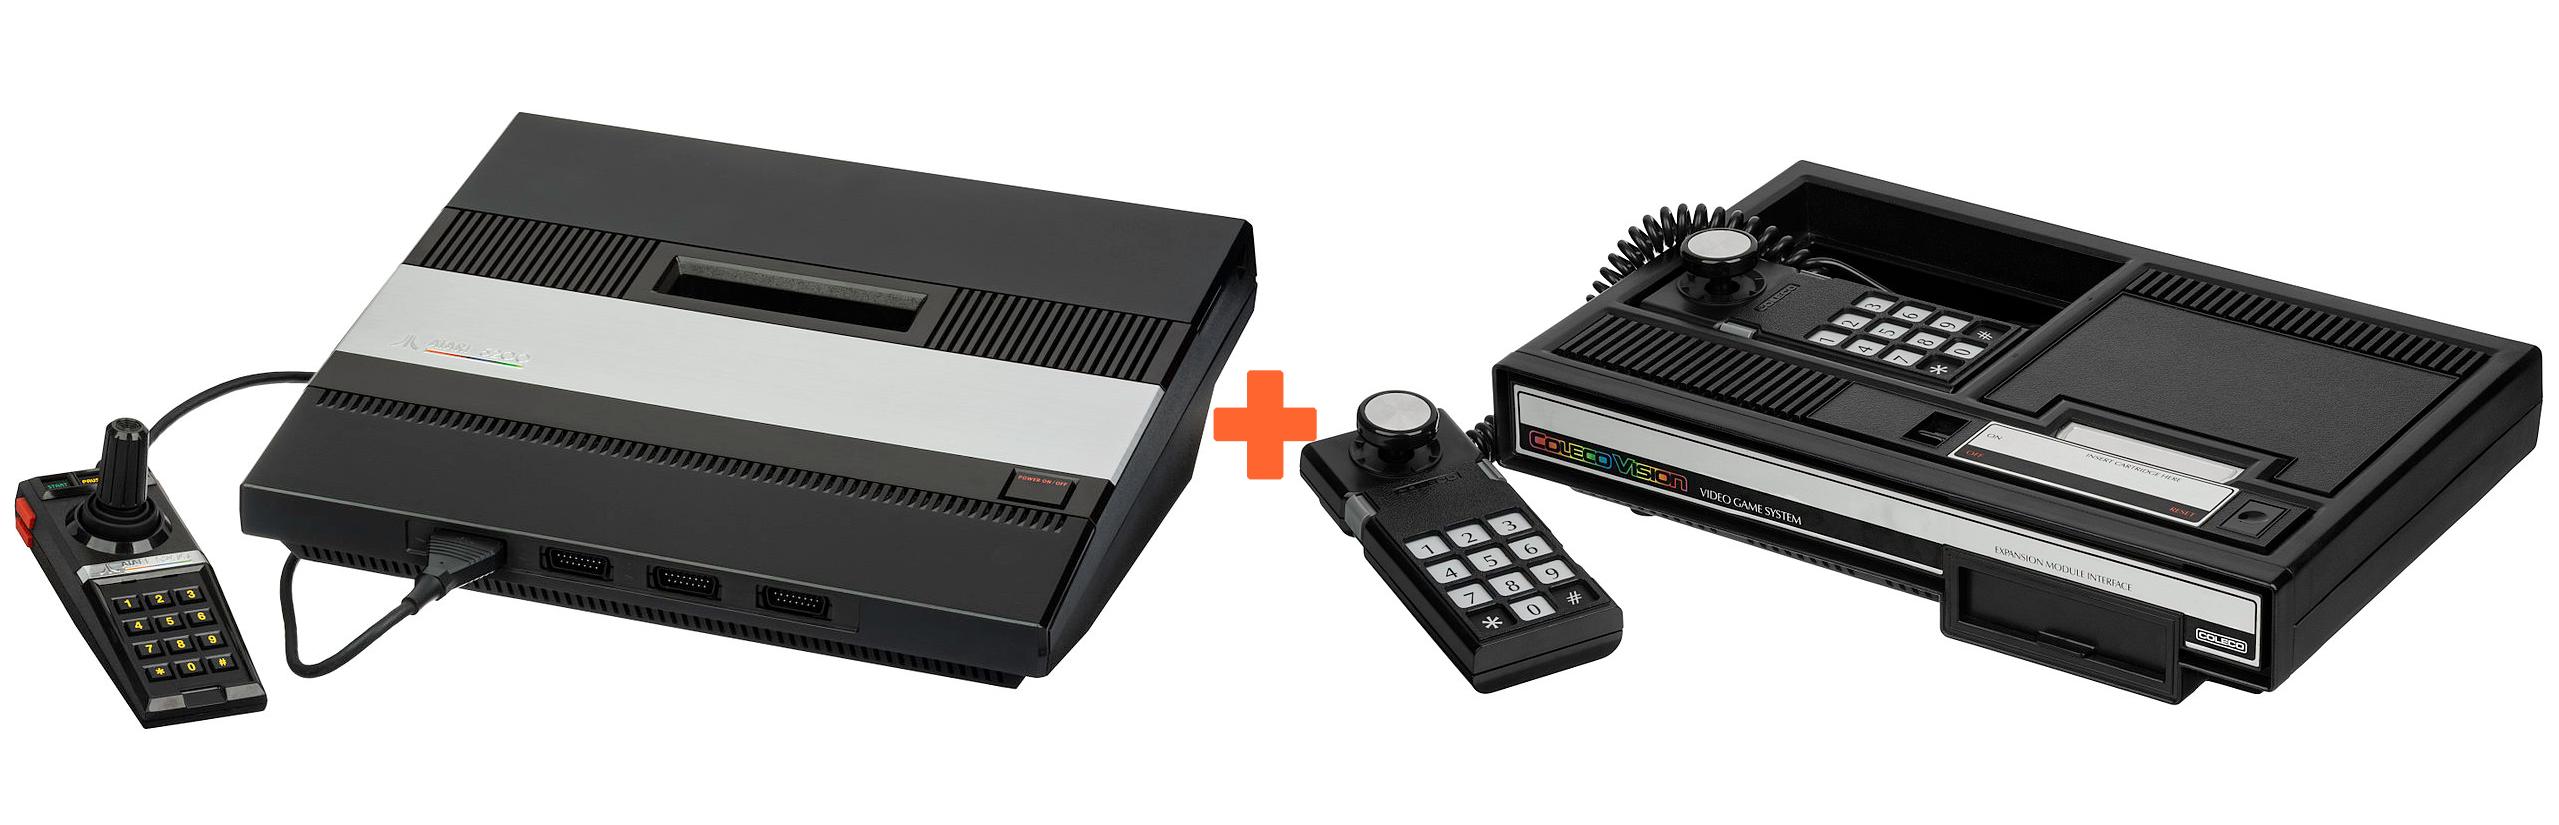 Blockbuster Memo Uncovered - Atari planned to incorporate